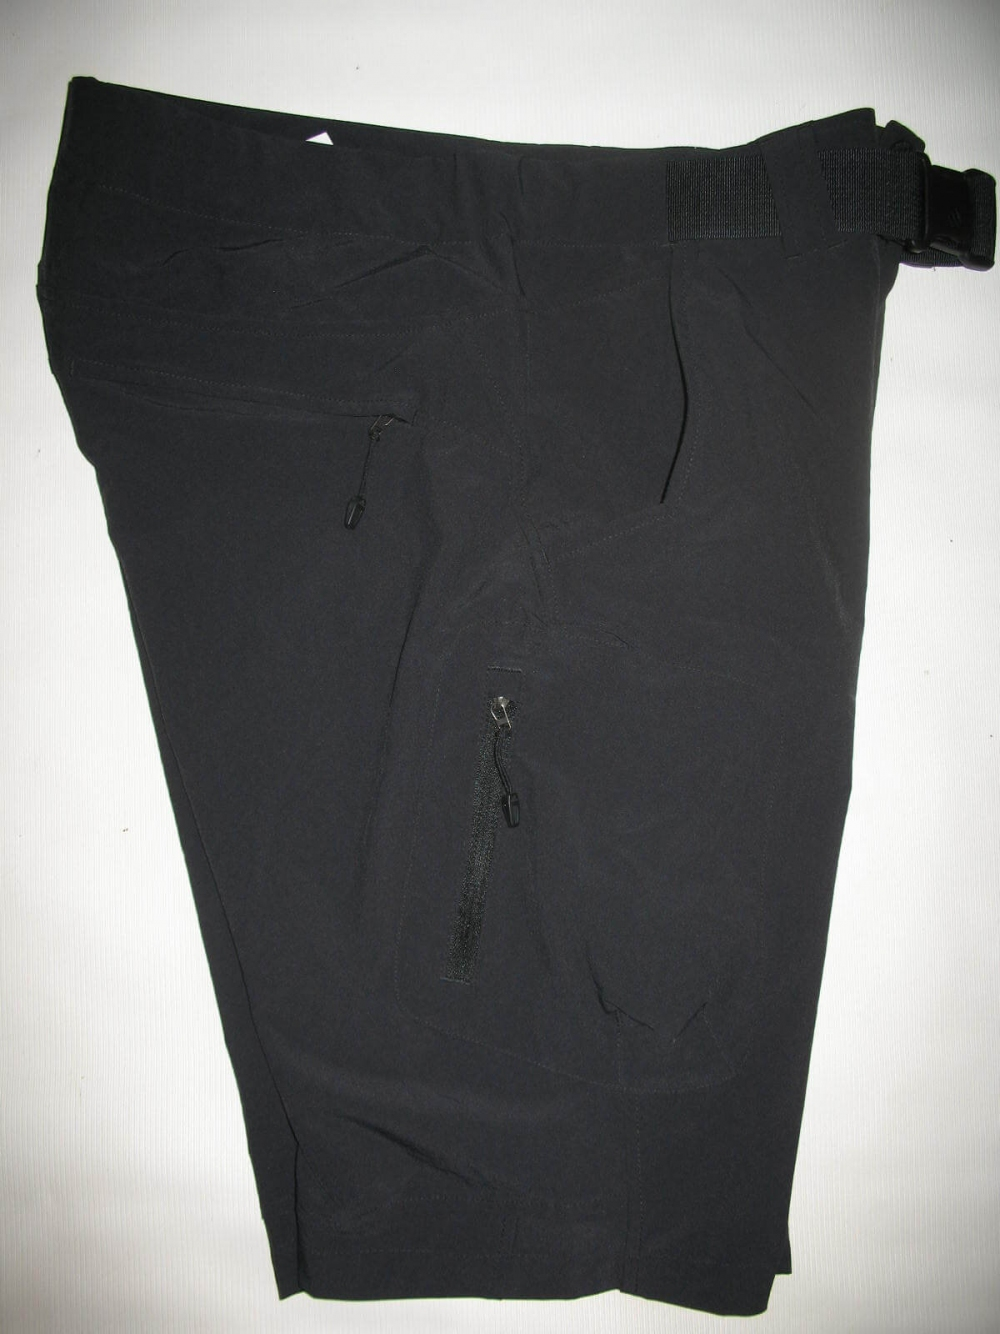 Шорты ADIDAS ht shorts (размер M) - 7